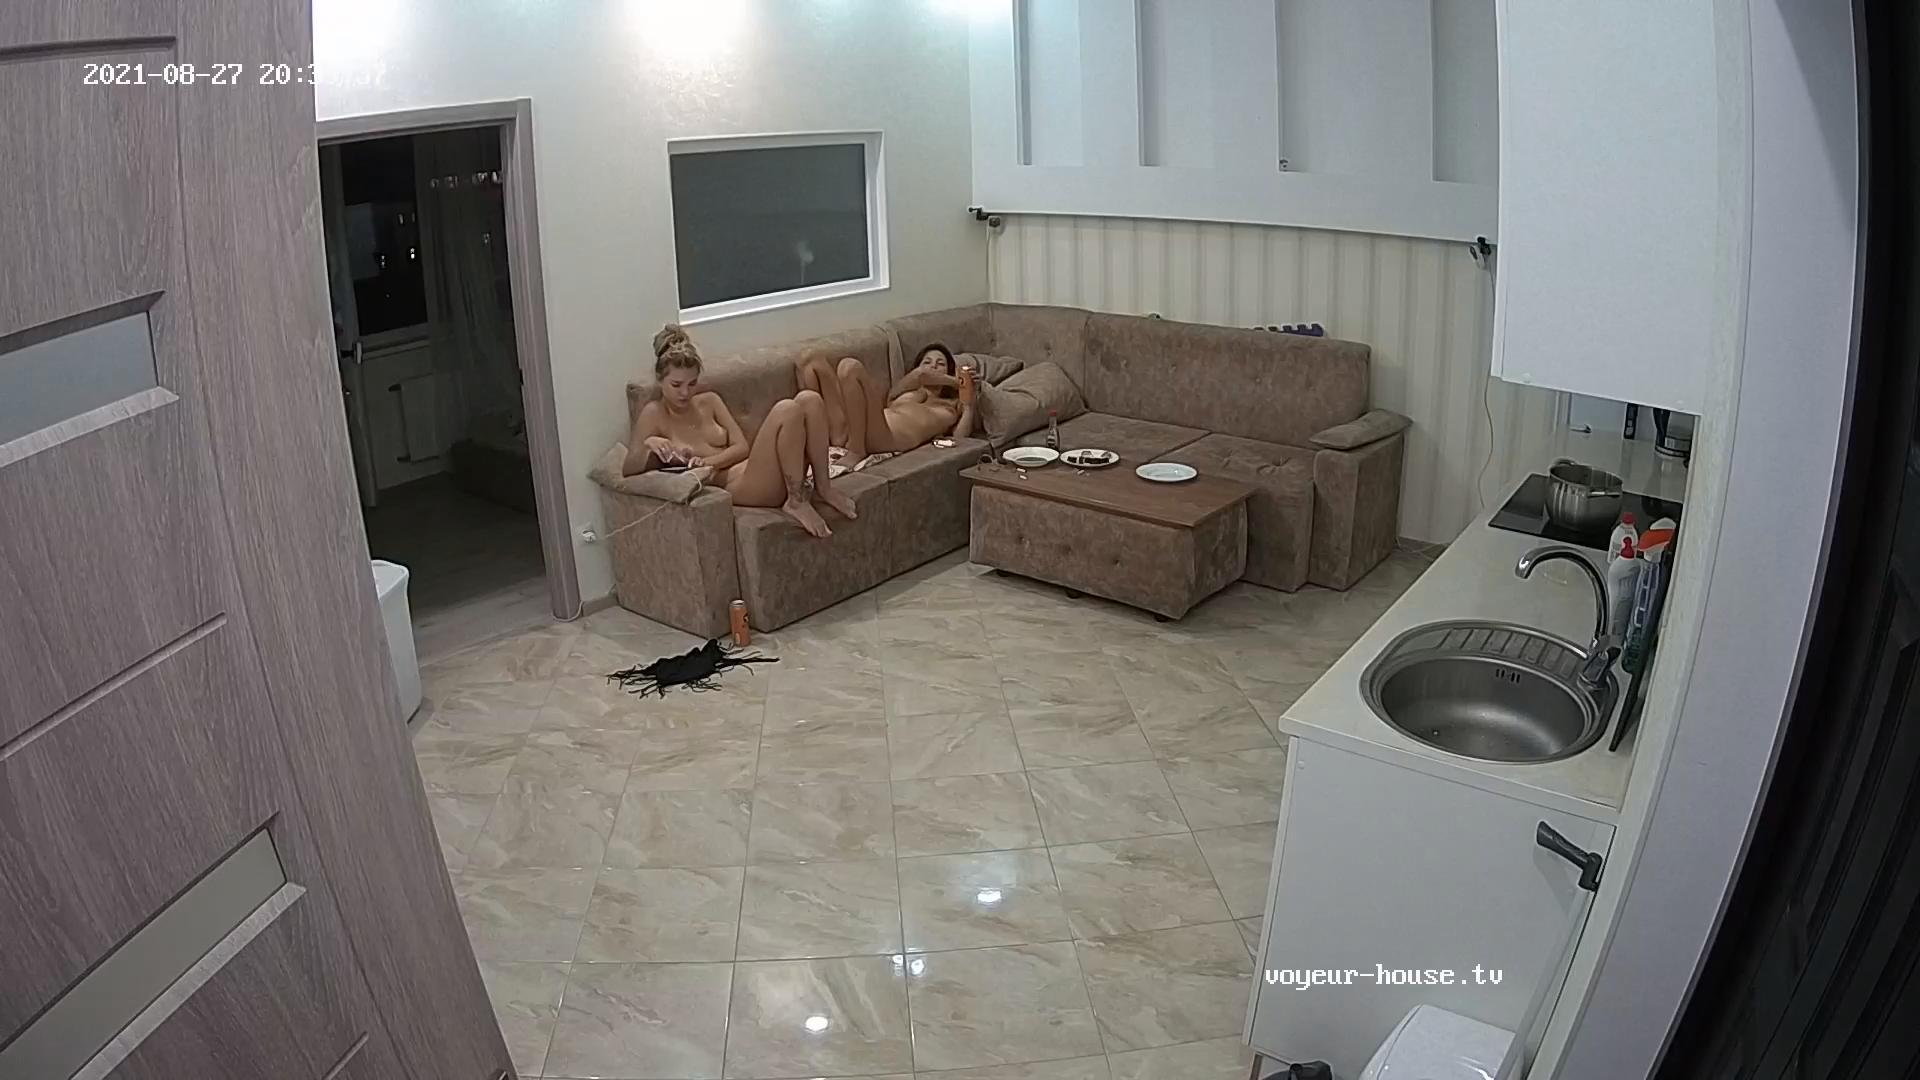 Stephanie Aisha naked relax Aug 27 2021 4